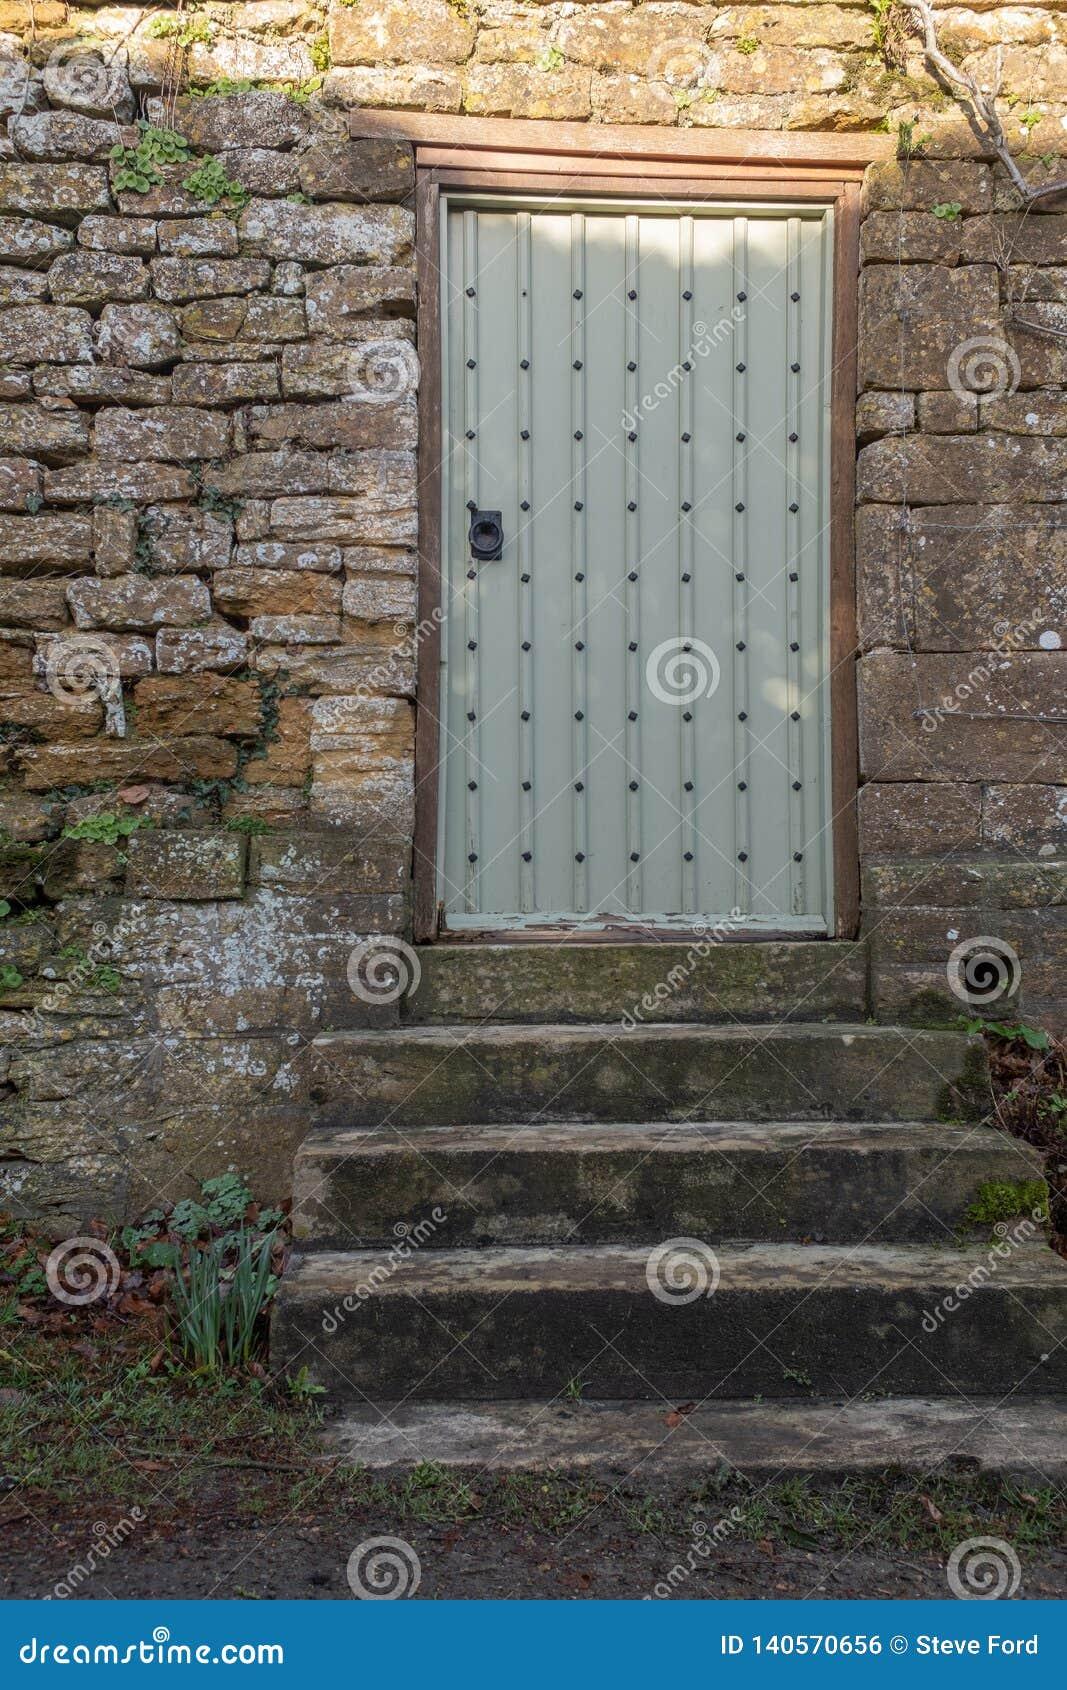 Concrete stappen die aan een beslagen deur ingebed in een muur leiden